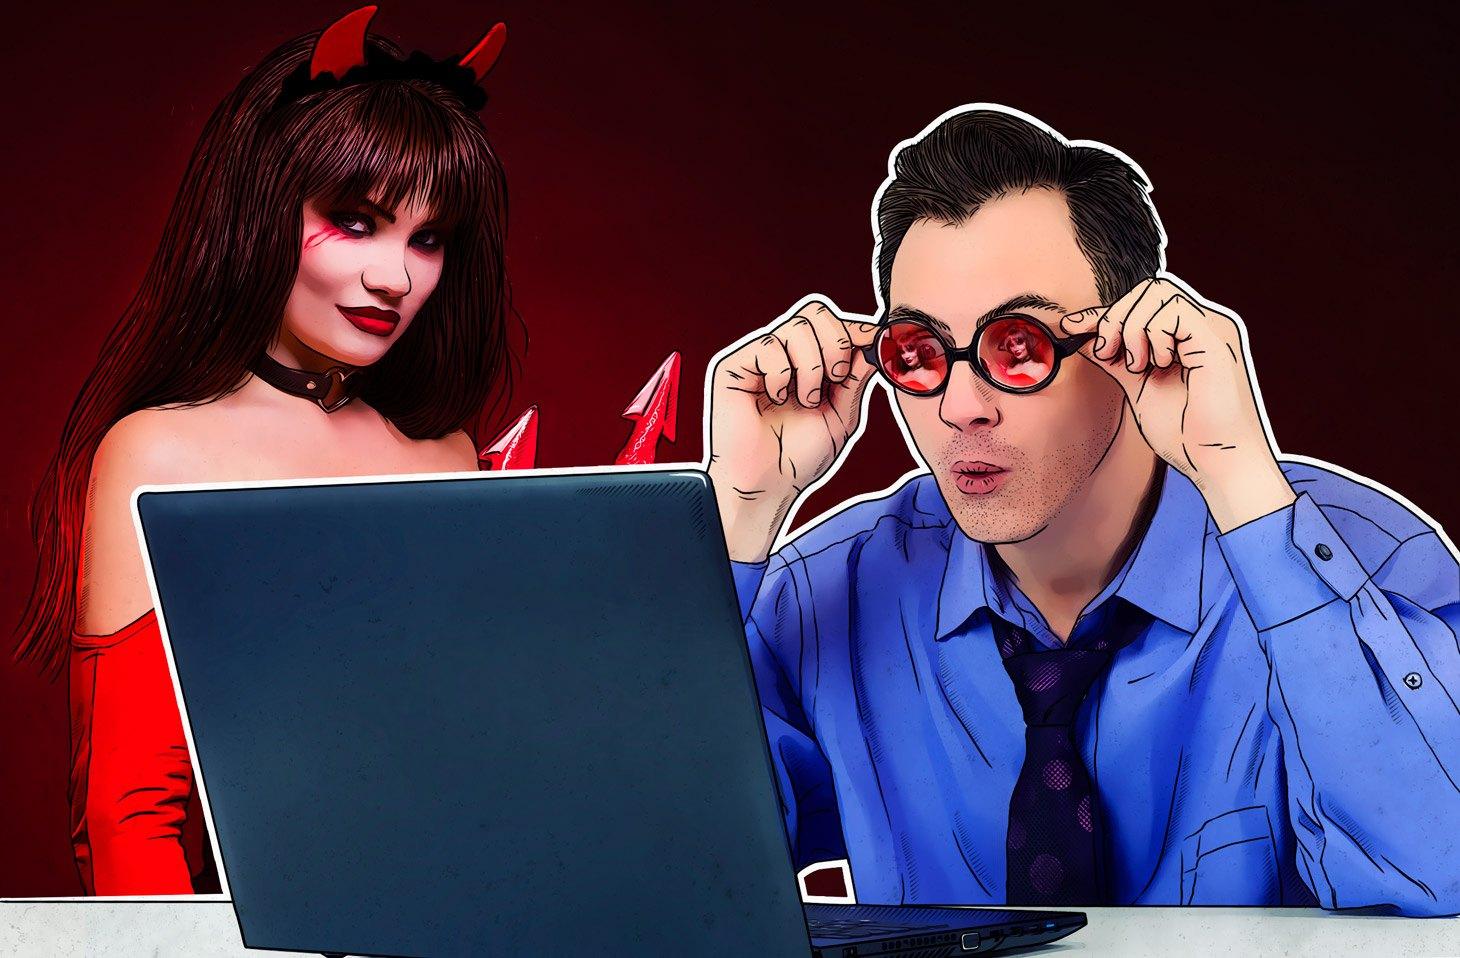 Jaringan Pemerintahan AS Terjangkit Malware Akibat Situs Porno